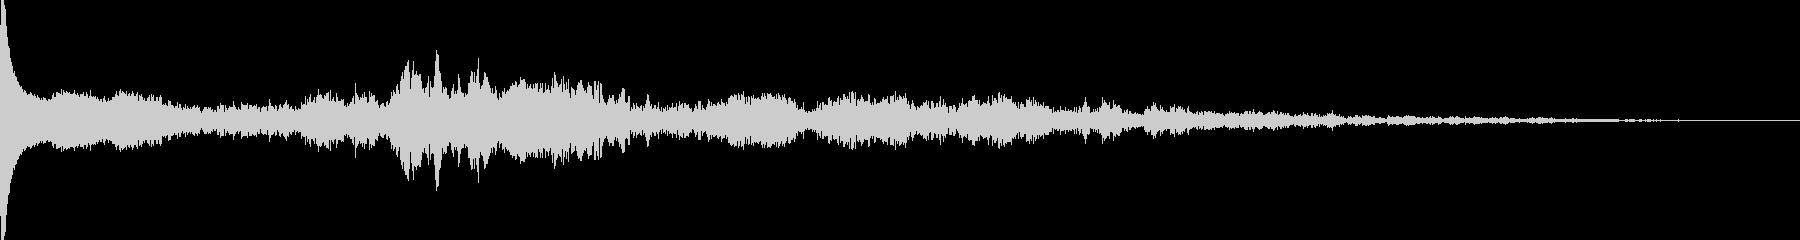 不思議な音の未再生の波形